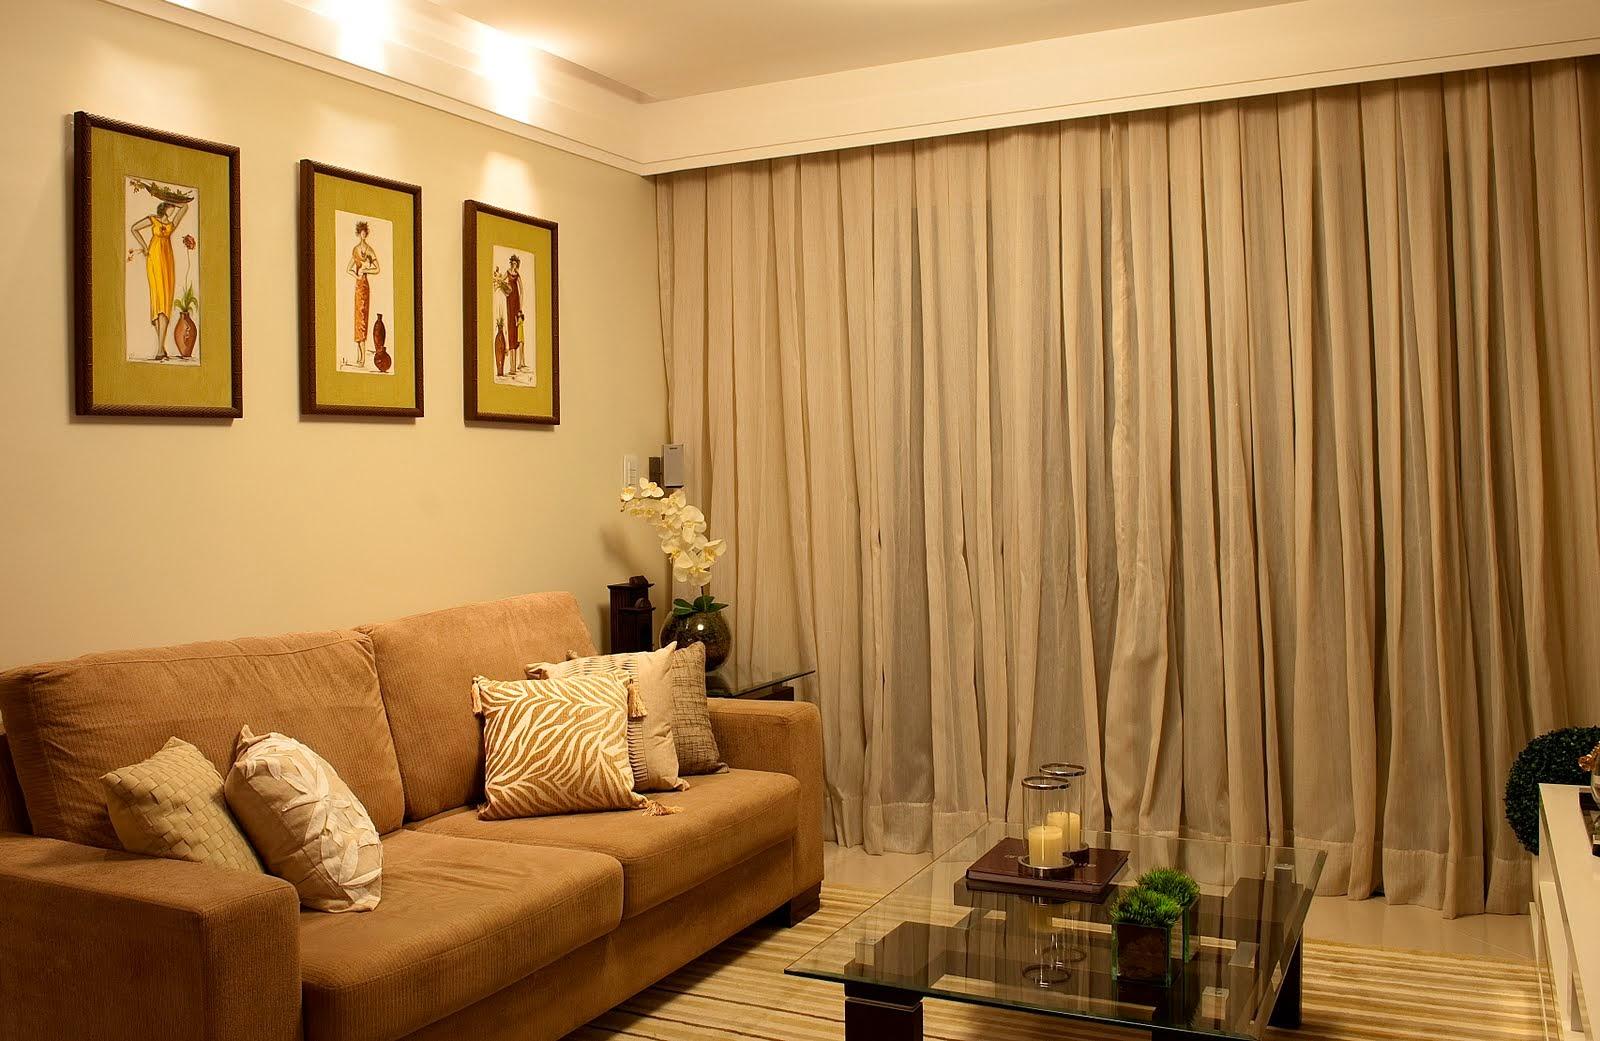 Decore sua casa com a flowerdecor julho 2014 for Cortinas para casa